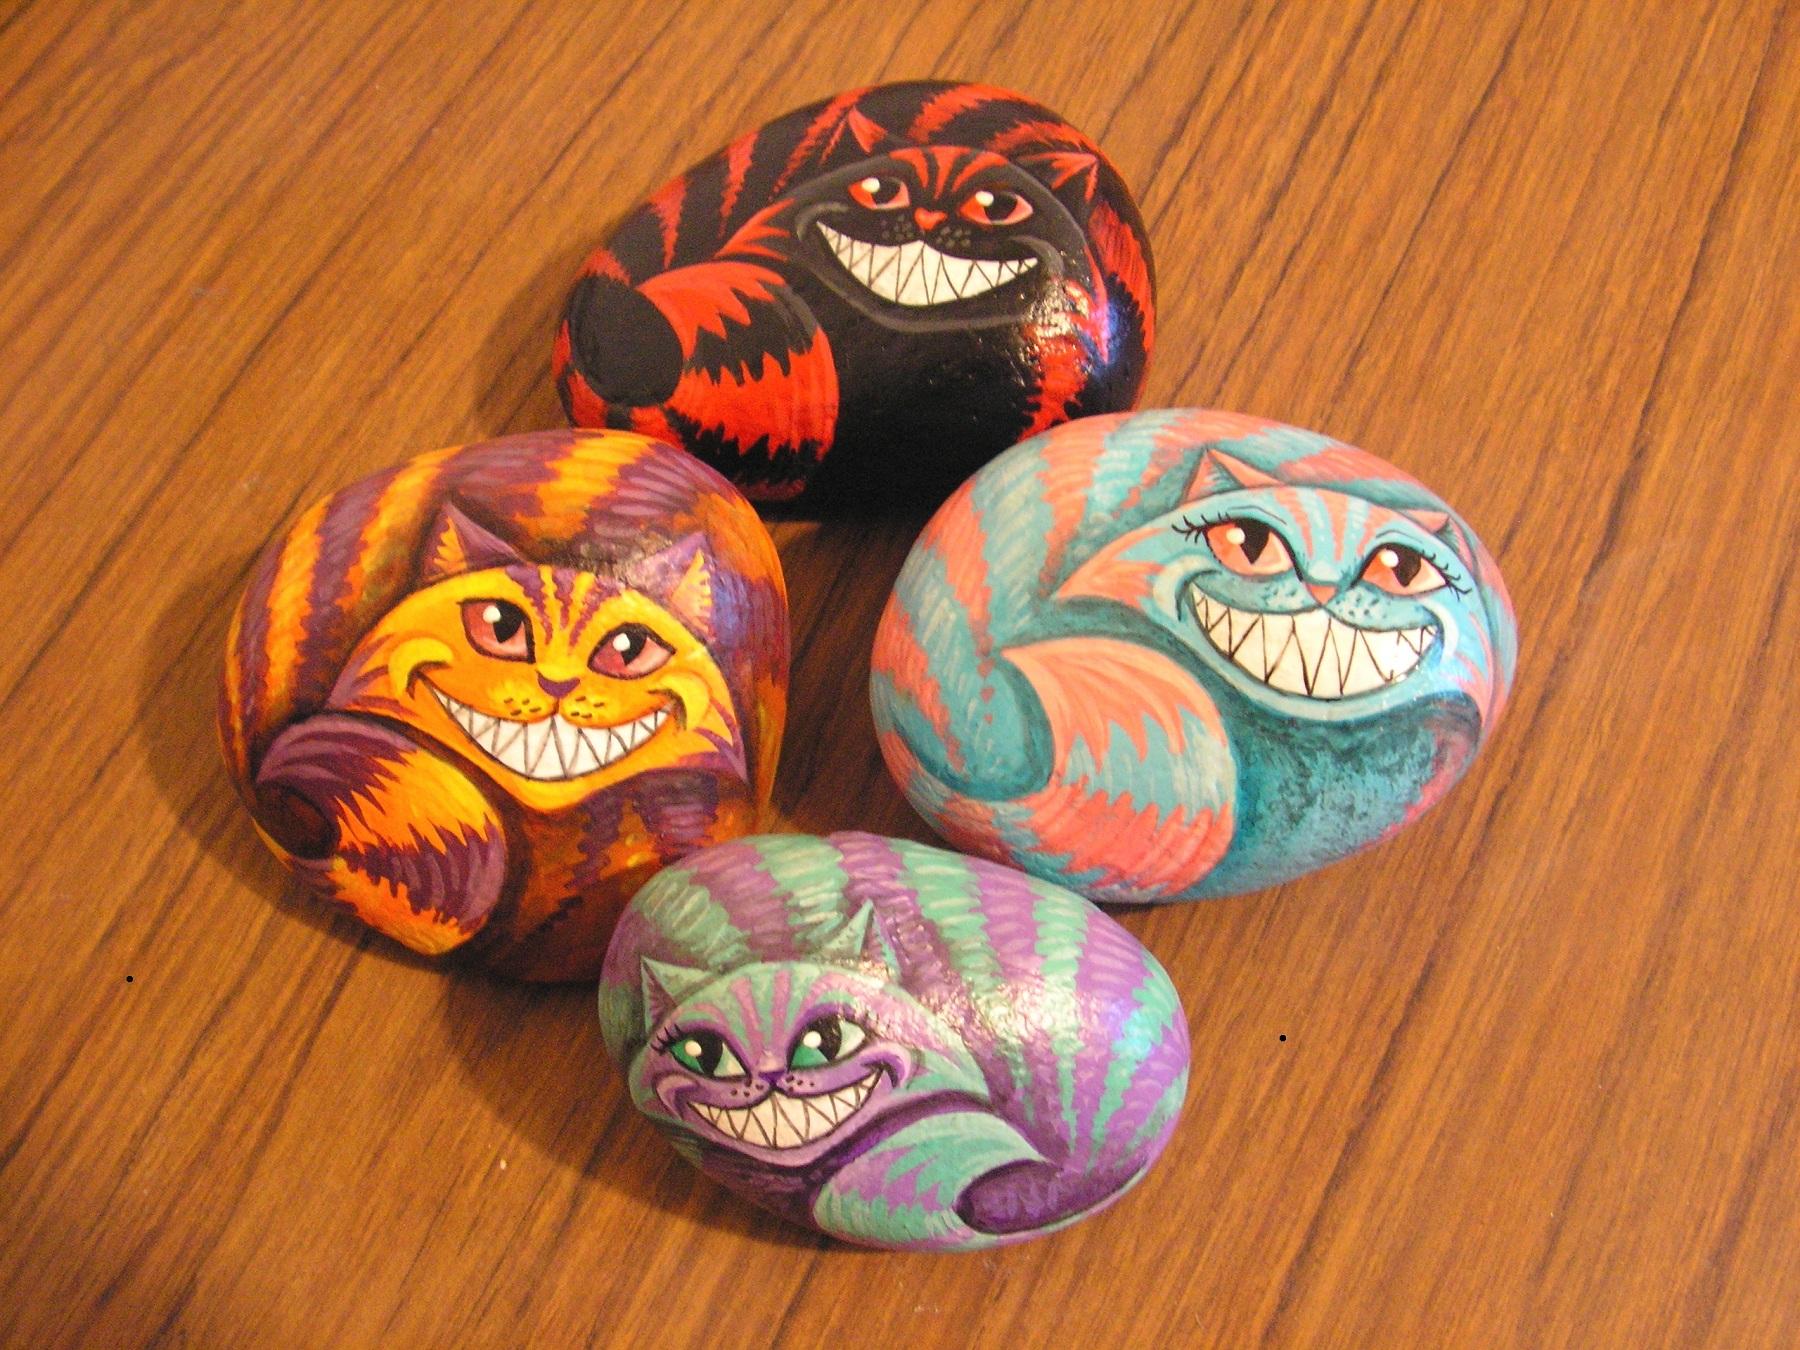 pet_rocks_12_by_nevuela-d5kf3px.jpg